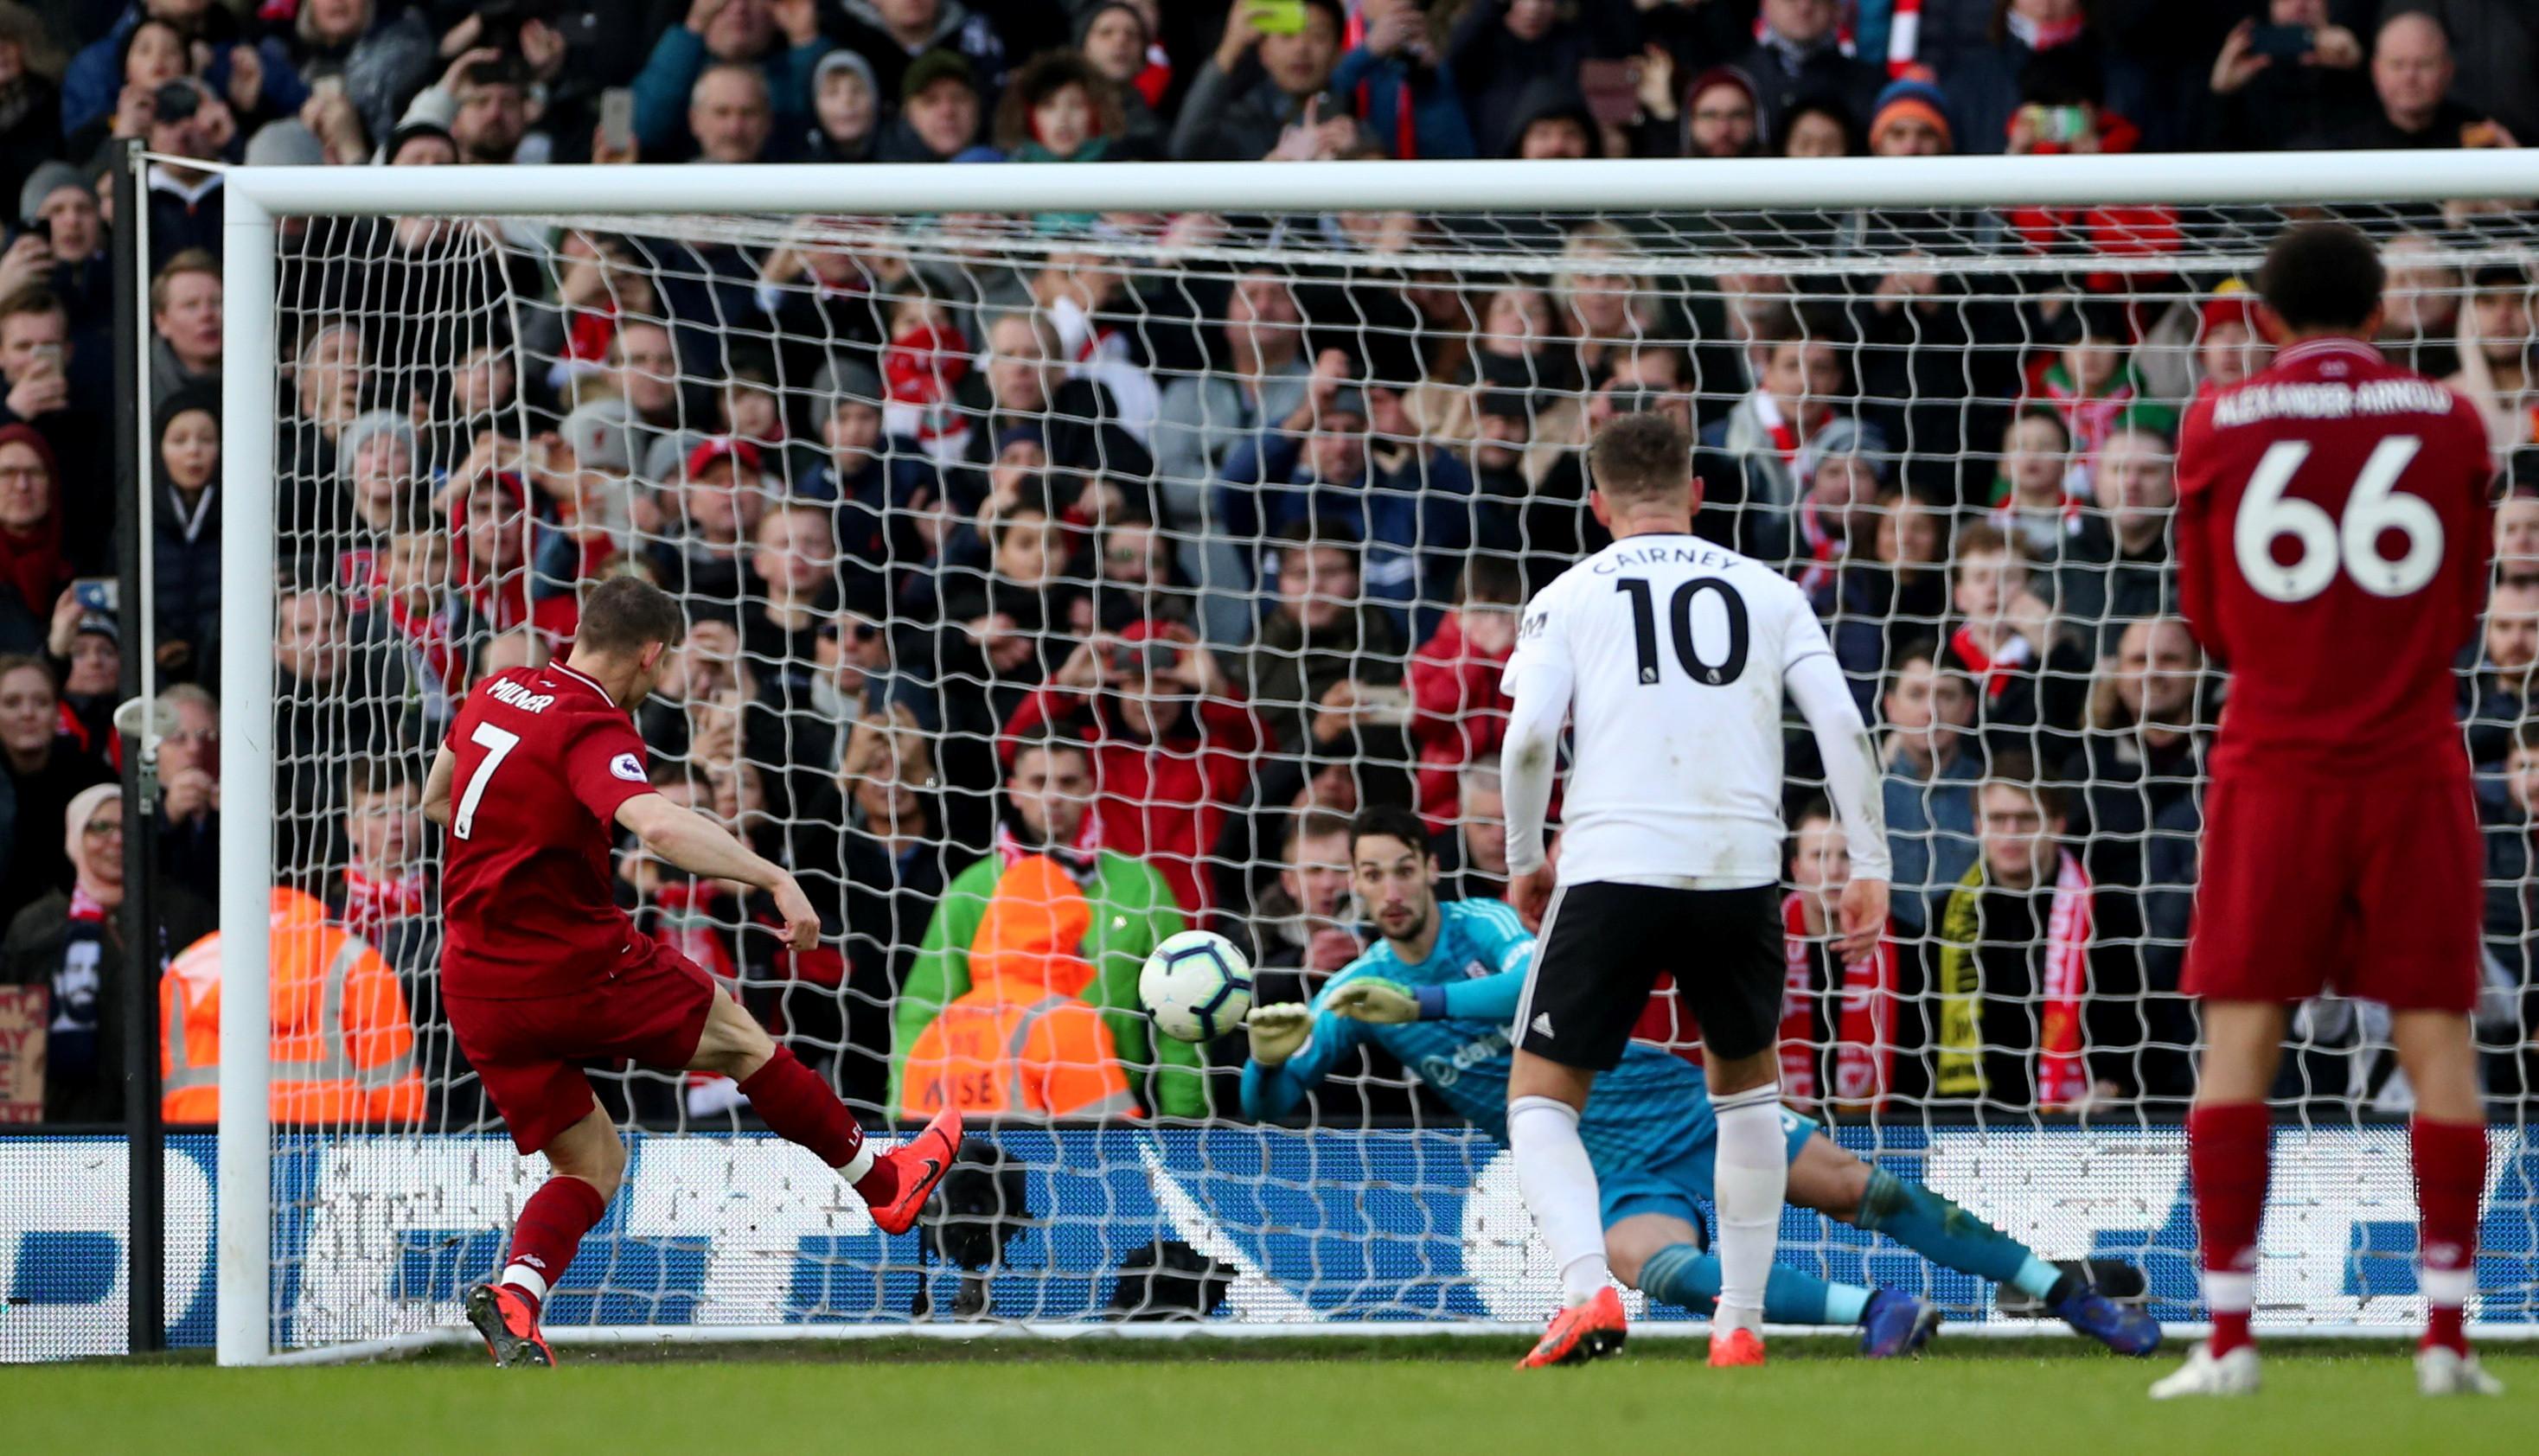 Penálti de Milner salva Liverpool de 'escorregadela' em Fulham